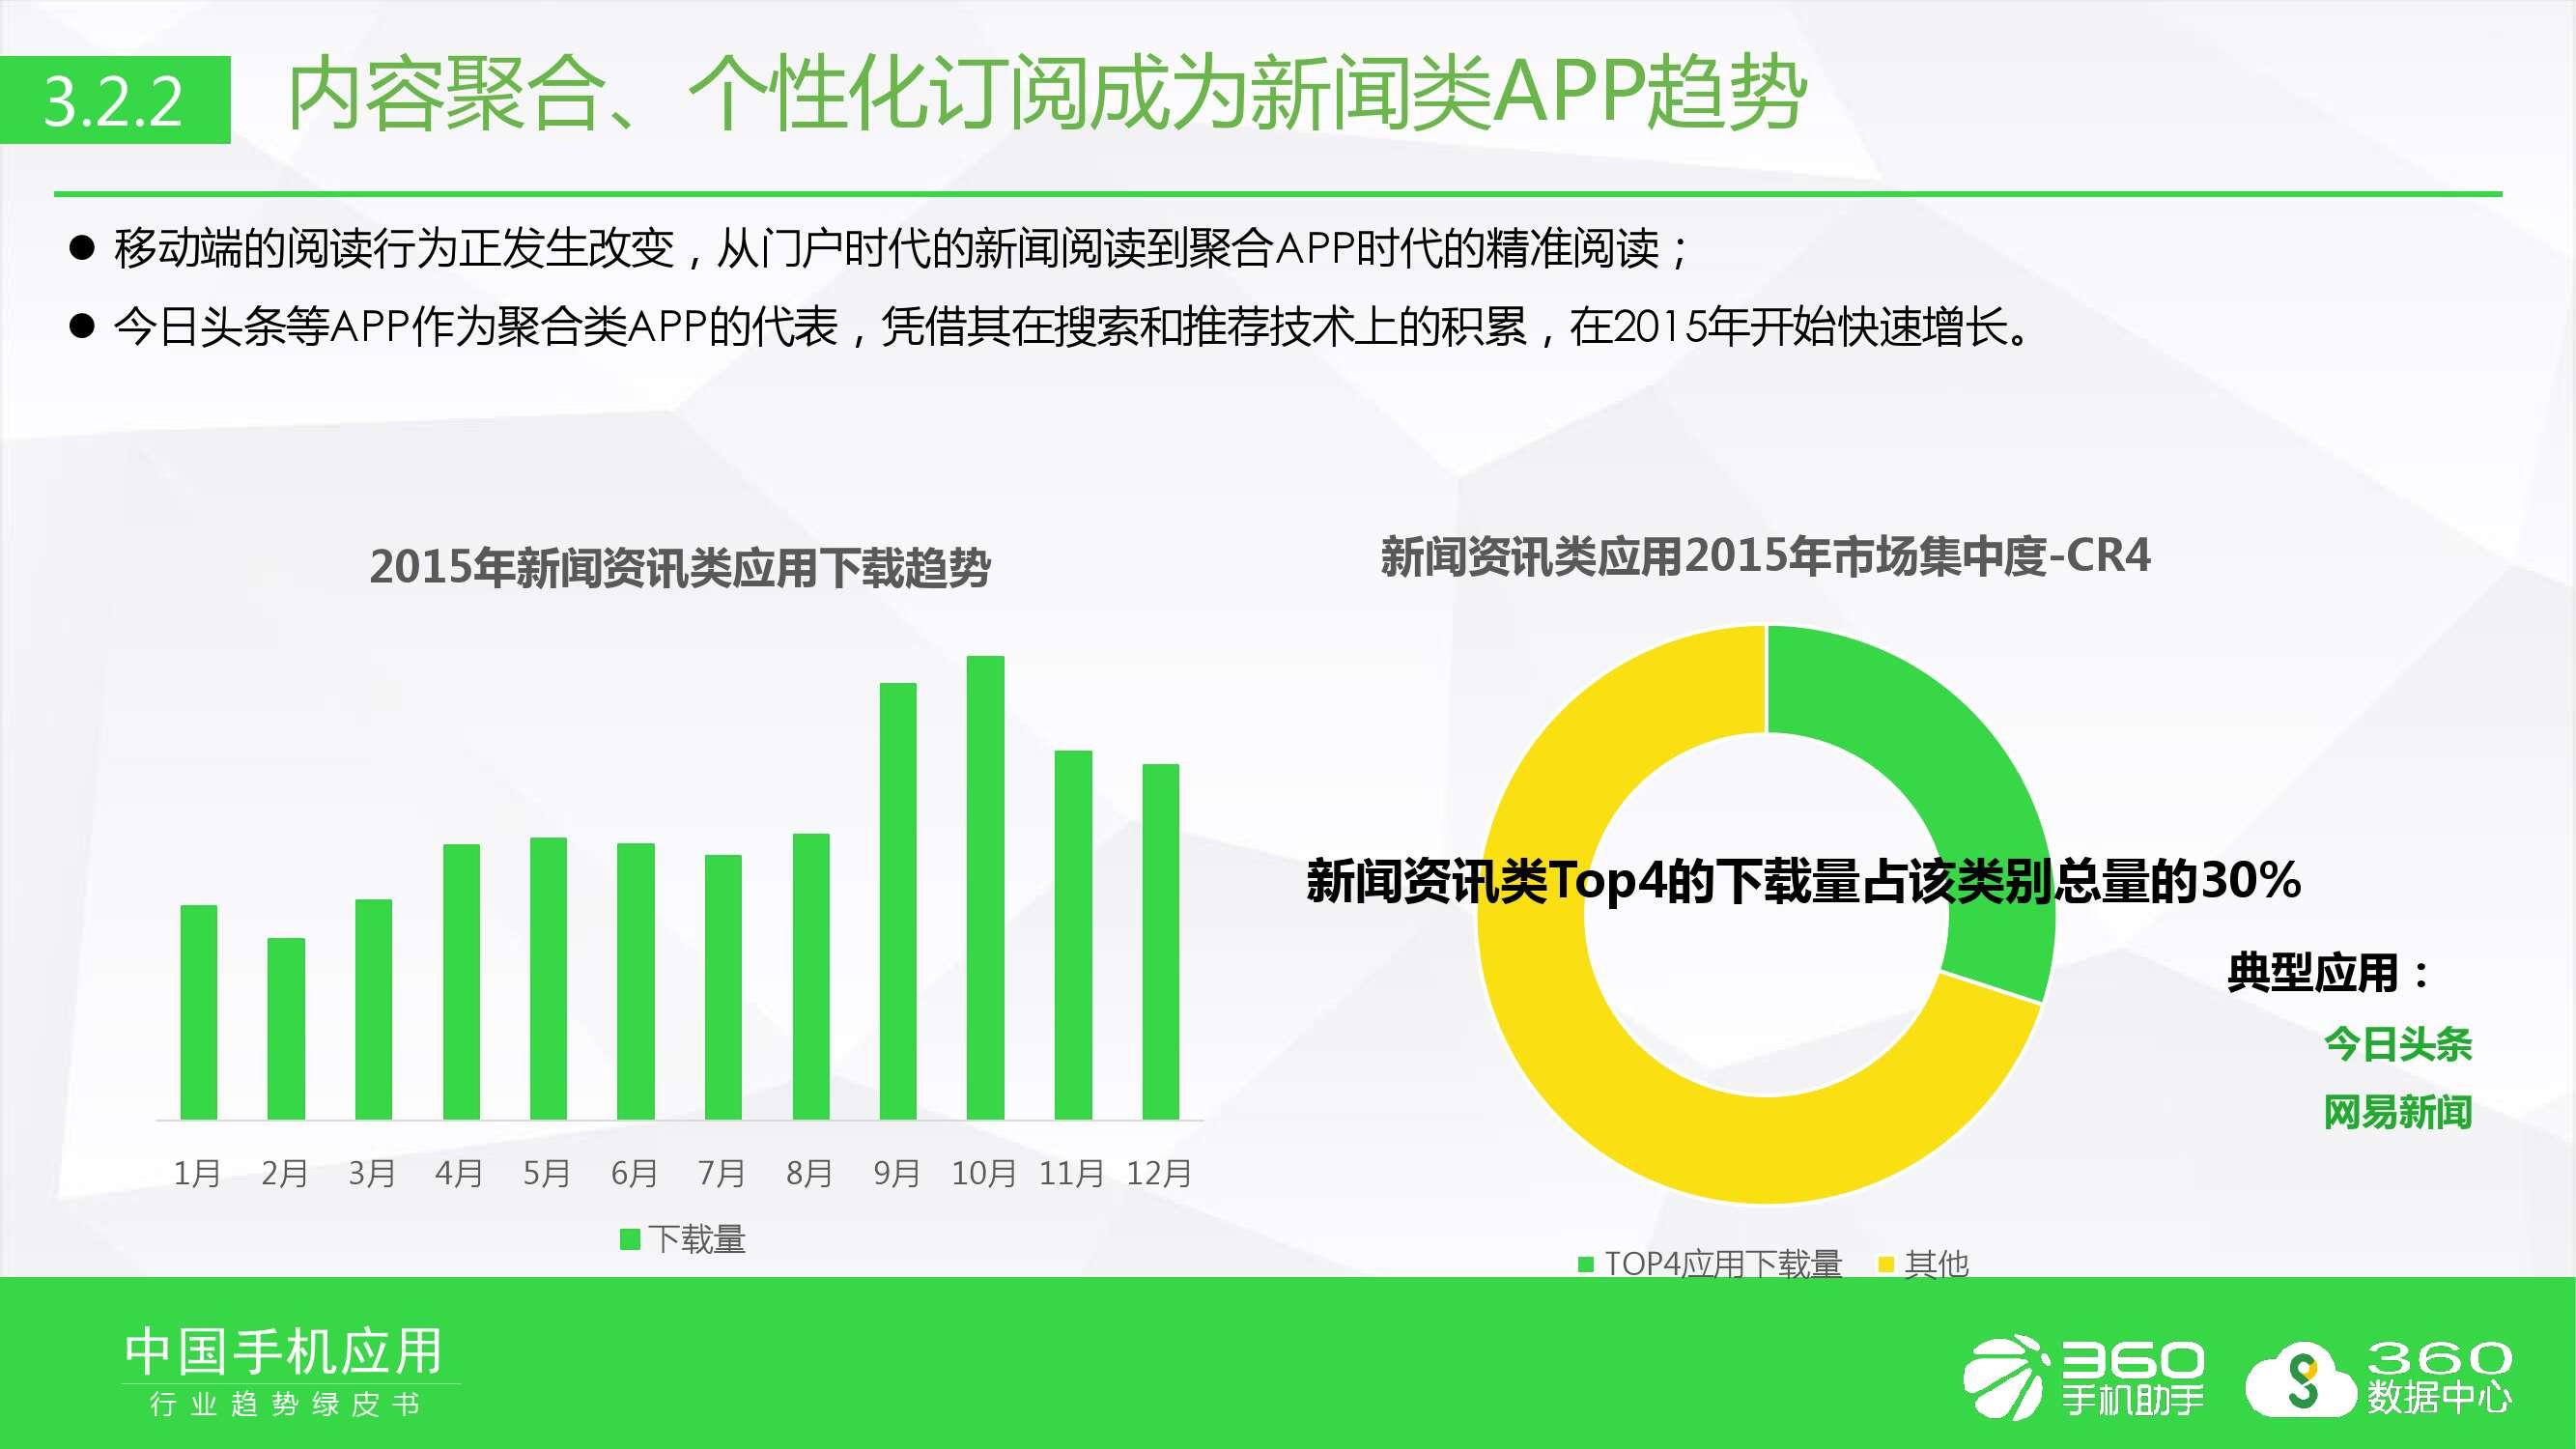 2016年手机软件行业趋势绿皮书_000029